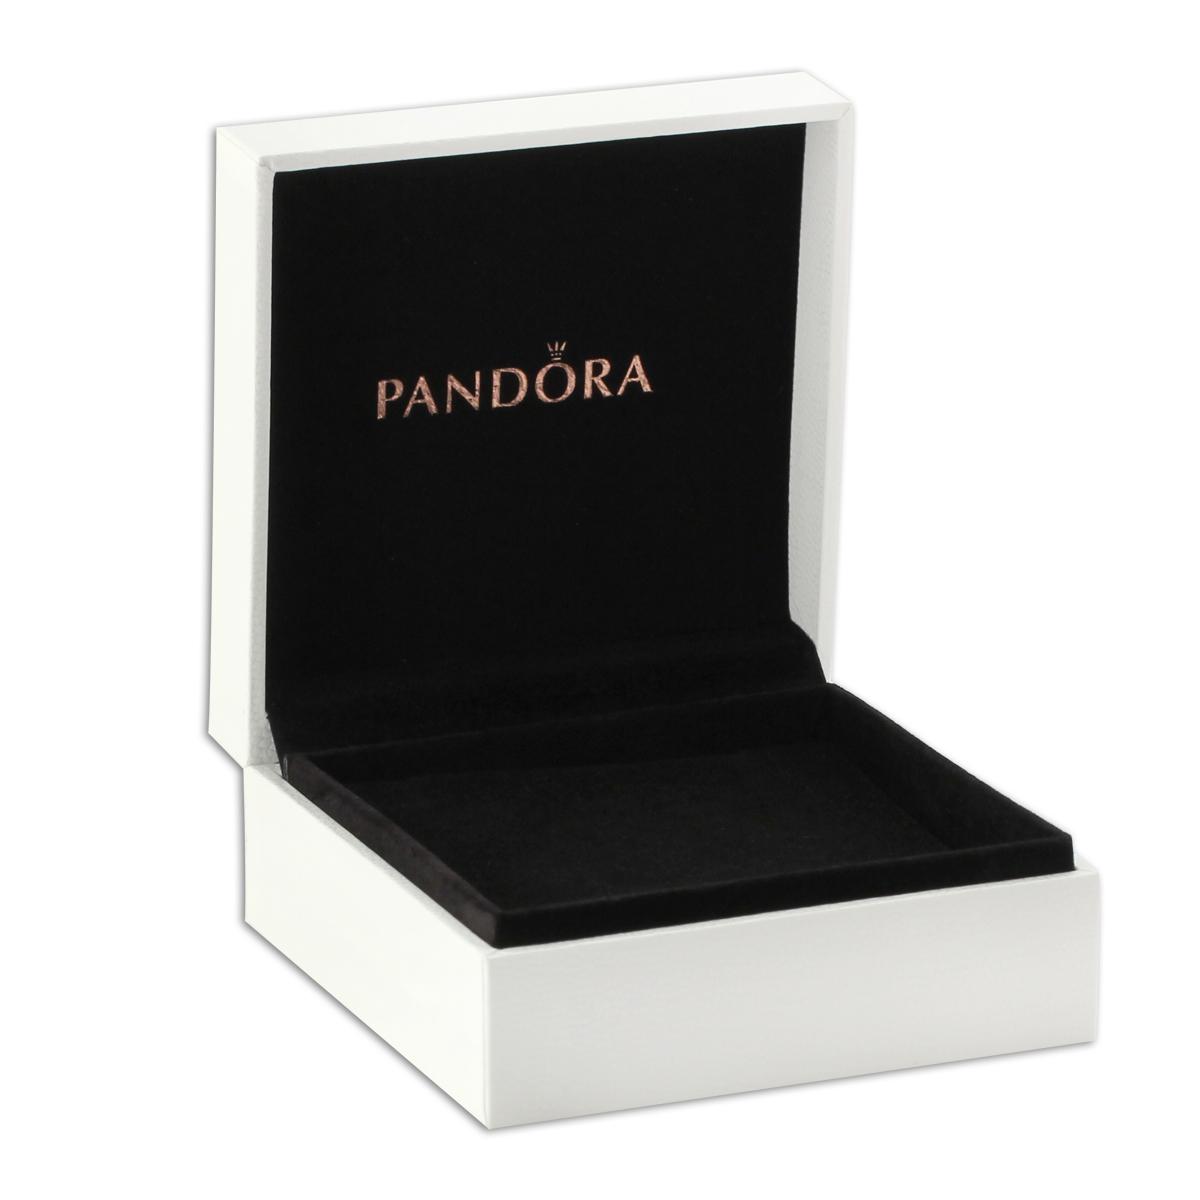 pandora bracelet in box